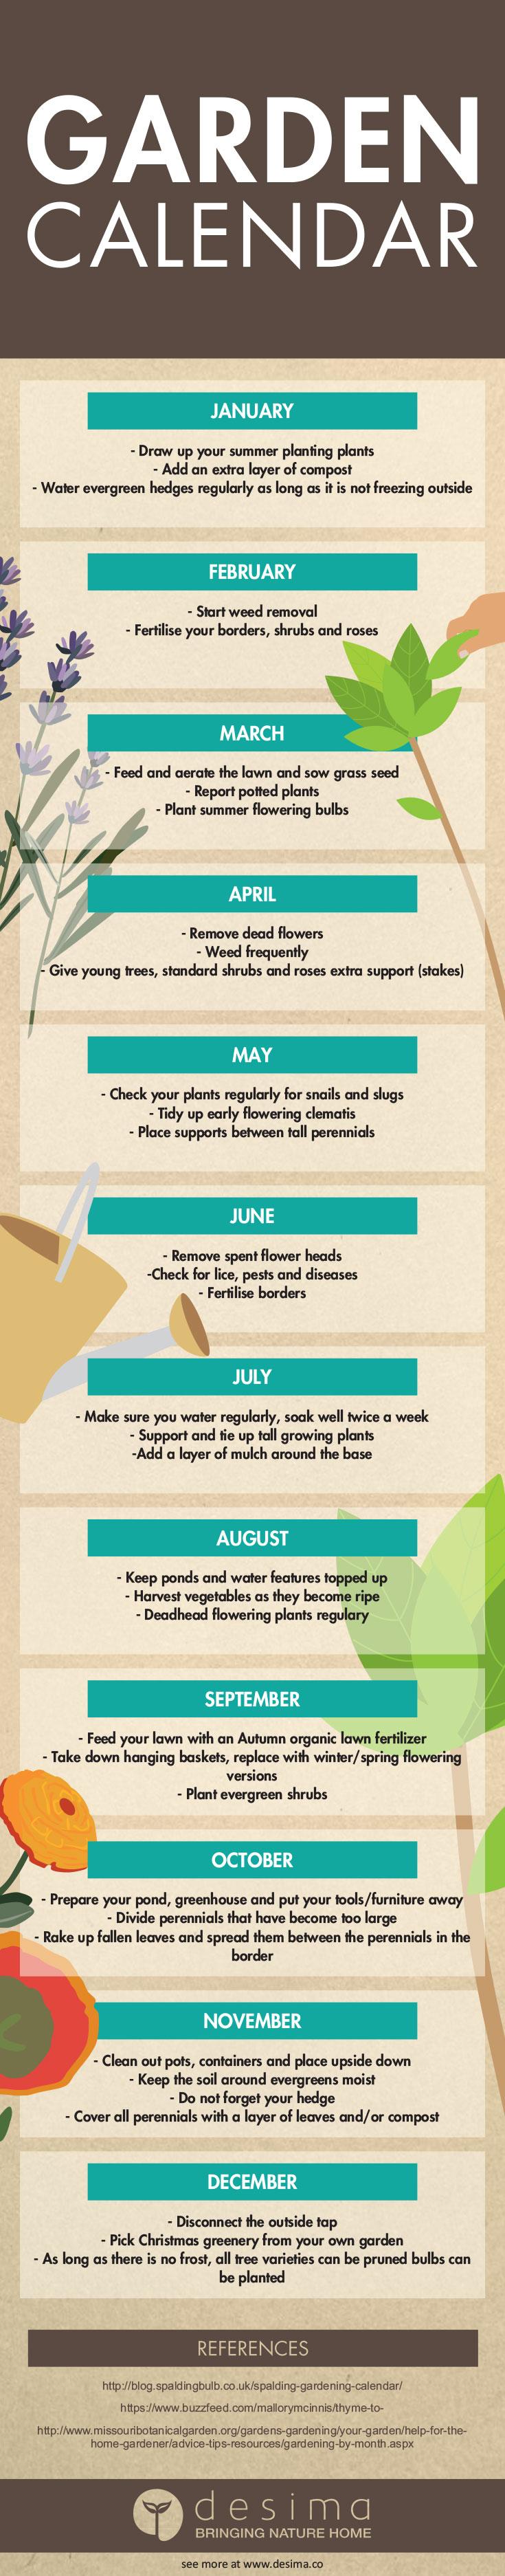 Garden Calendar desima